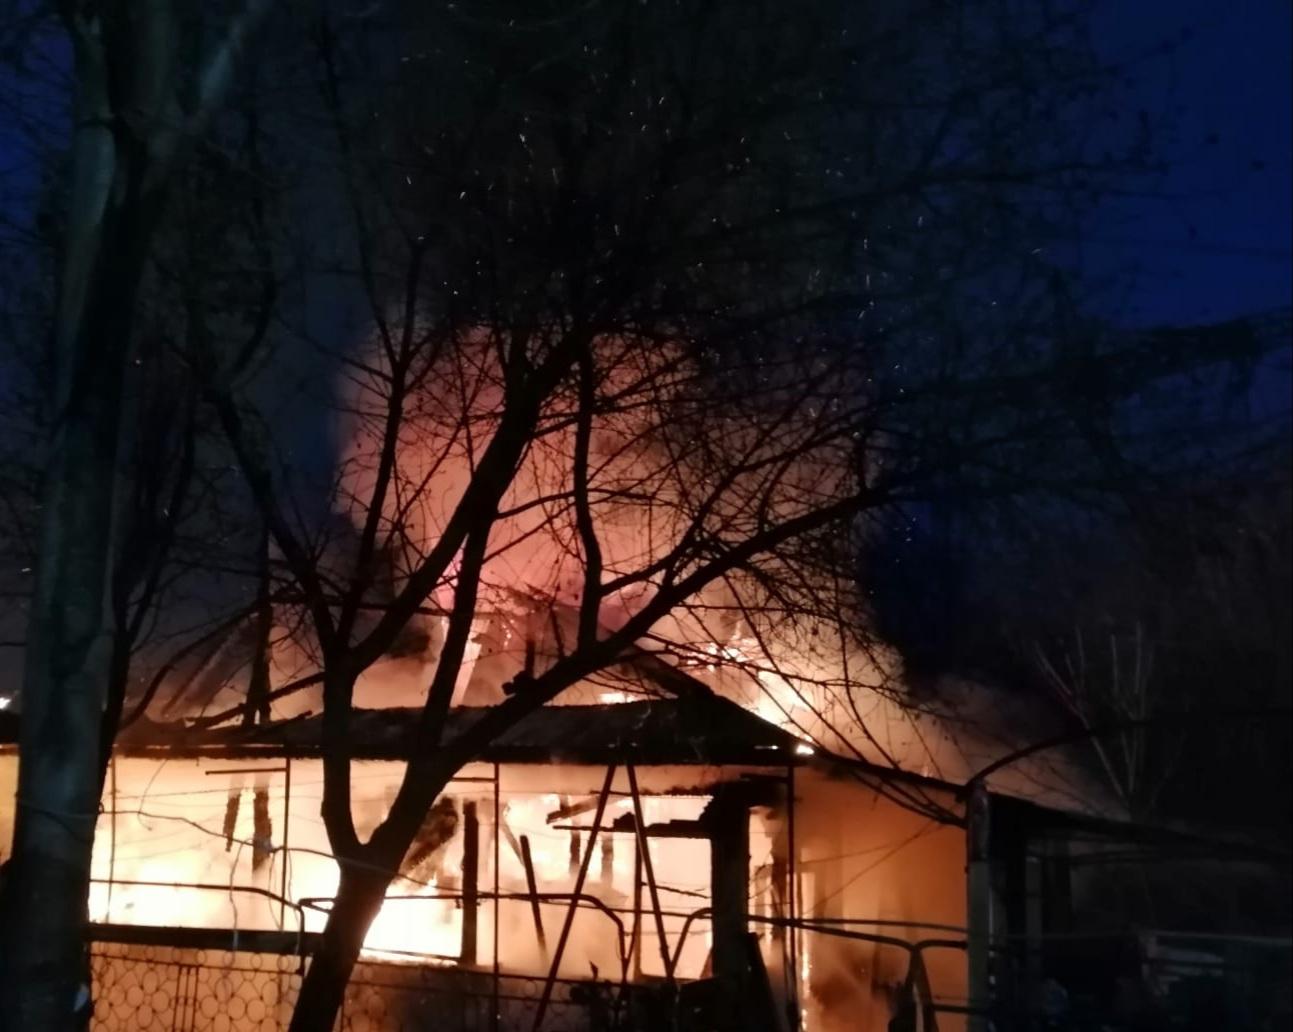 Incendiu devastator la o biserică din Suceava! A fost nevoie de intervenția a zece echipaje de pompieri - Cancan.ro